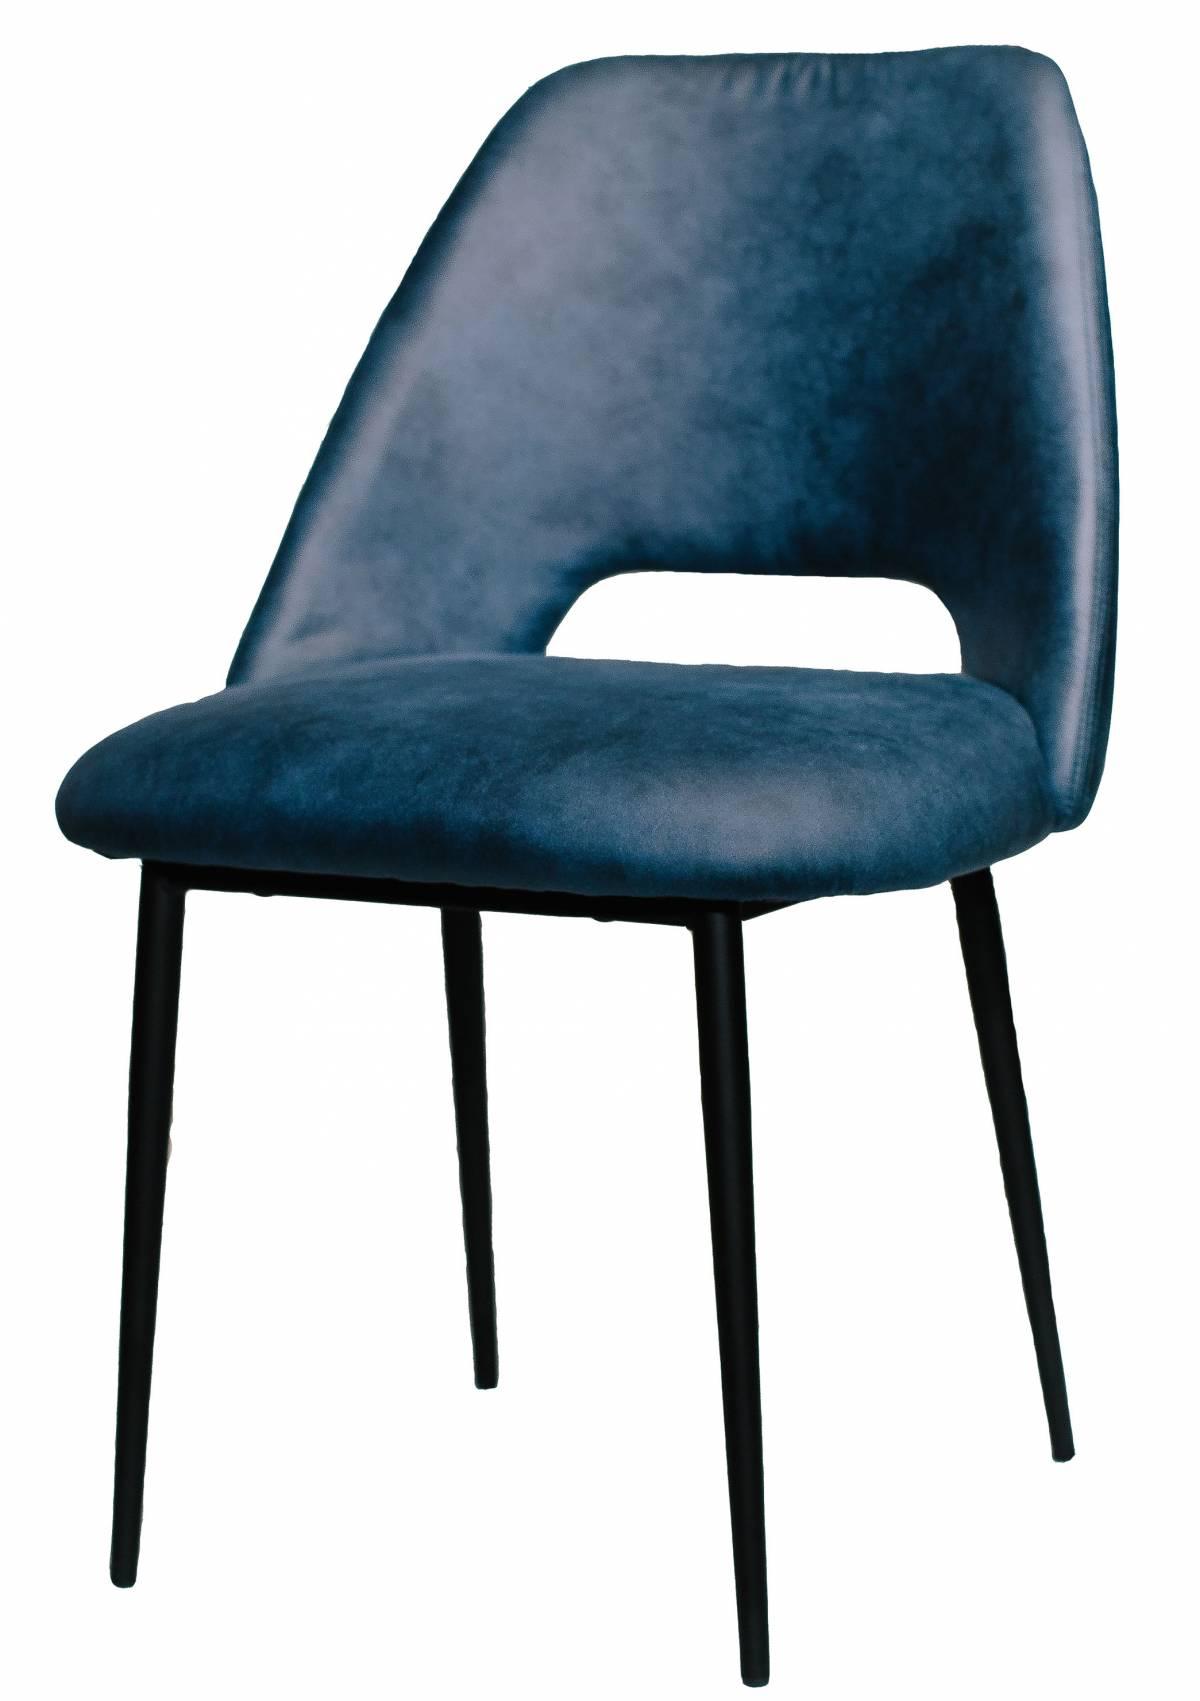 Купить стул Vic Sandalye экокожа синий в Raroom